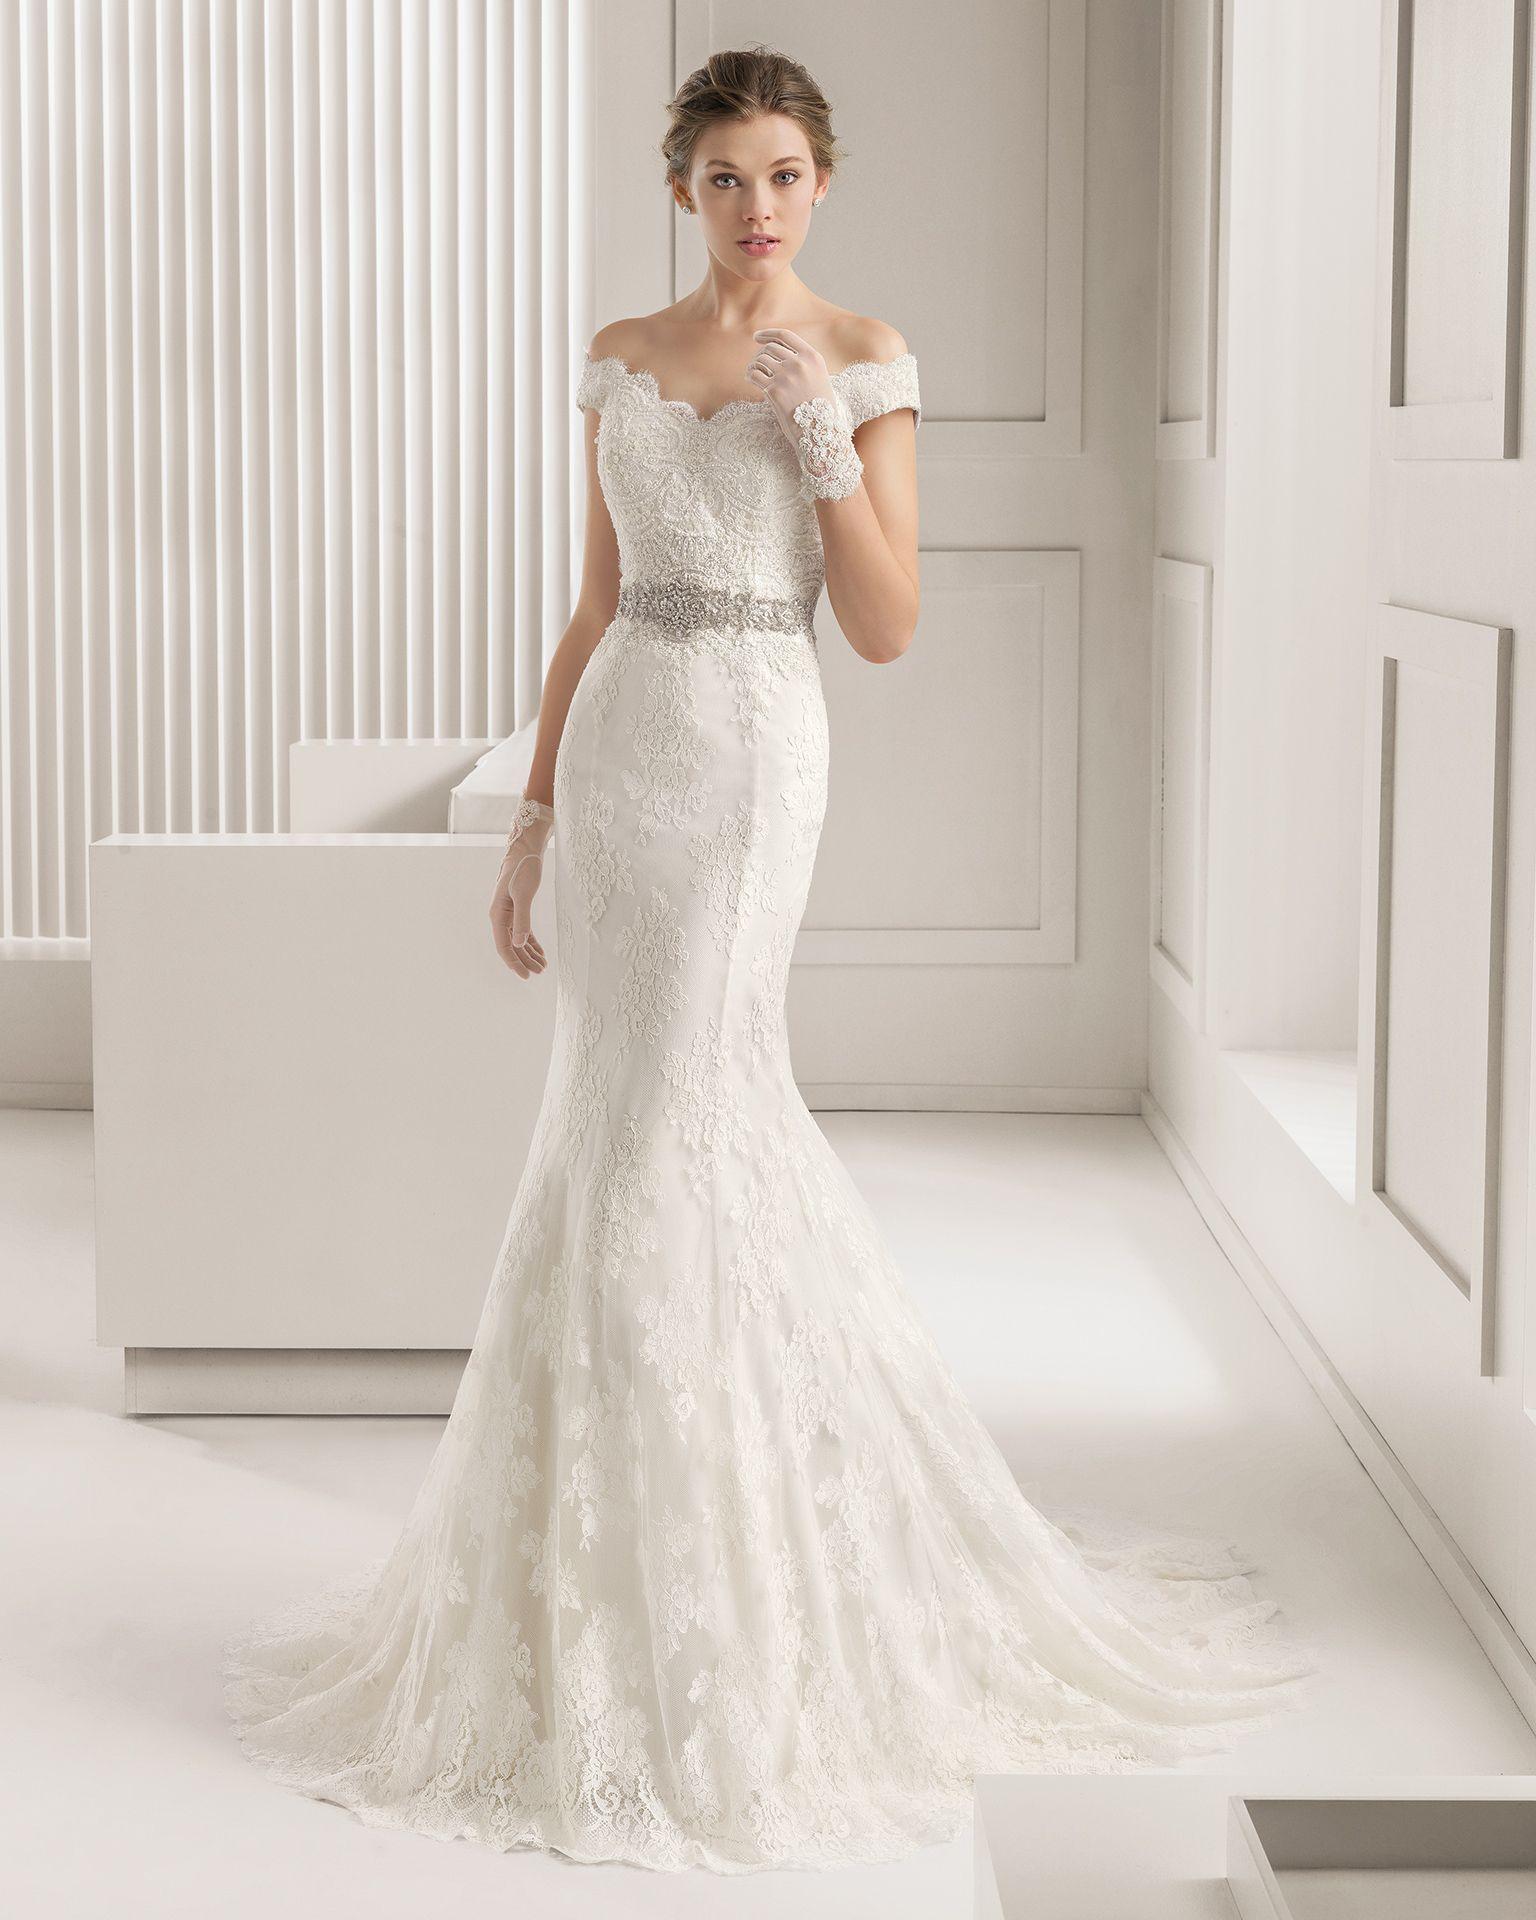 2015 vintage lace mermaid wedding dresses off shoulder for Vintage lace mermaid wedding dresses